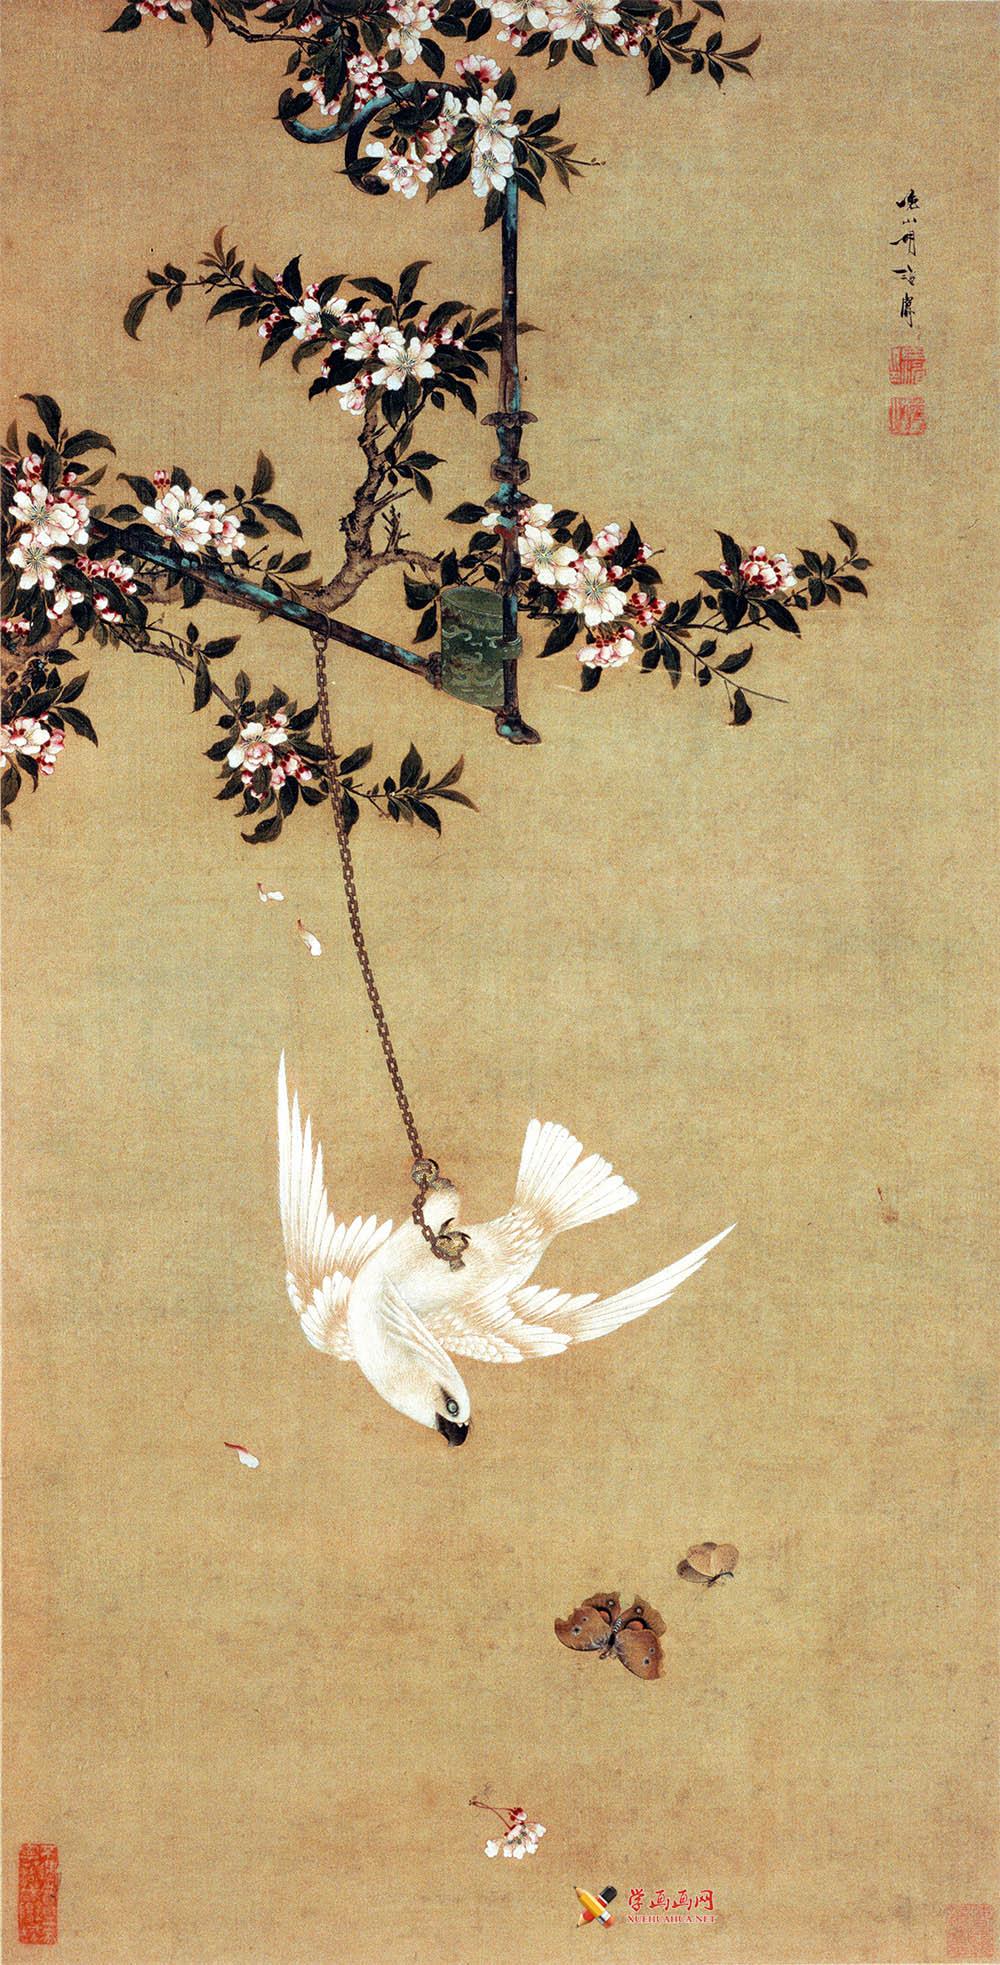 清胡湄《鹦鹉戏蝶图》赏析(1)